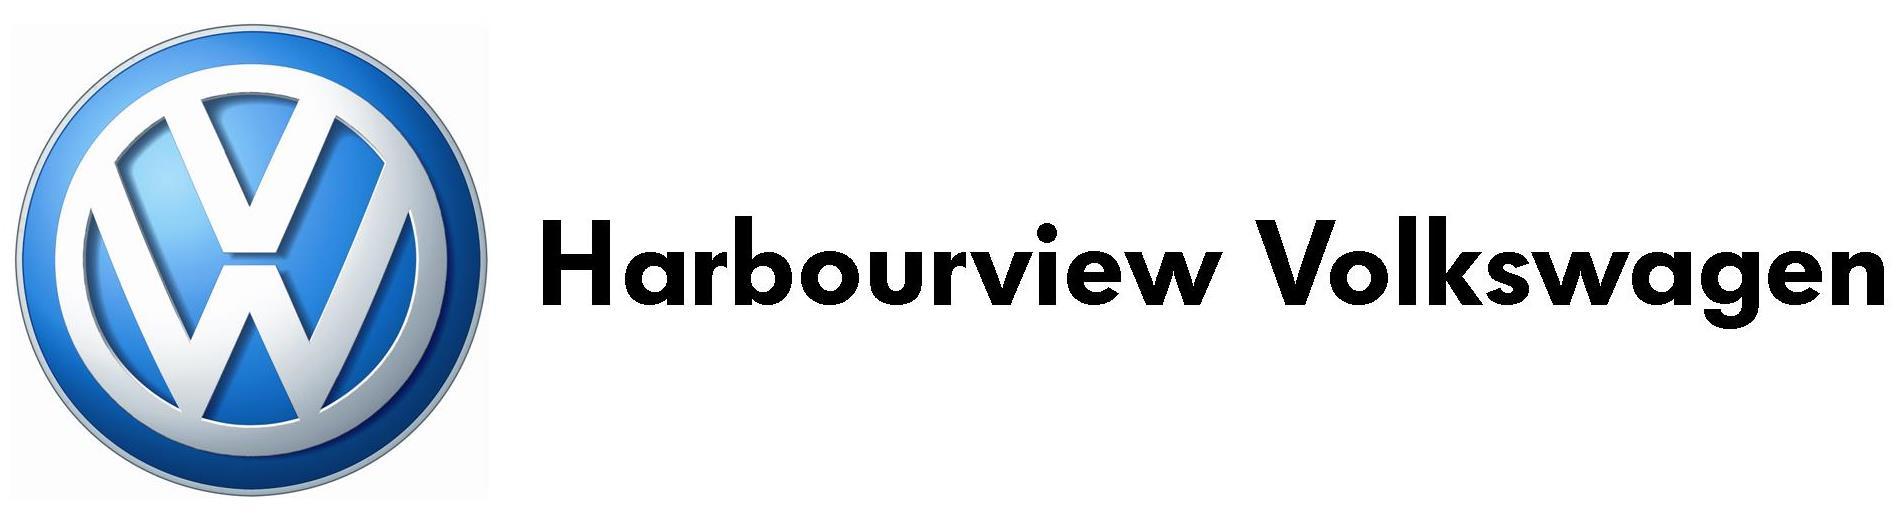 Harbourview-VW-volkswagen nanaimo canada